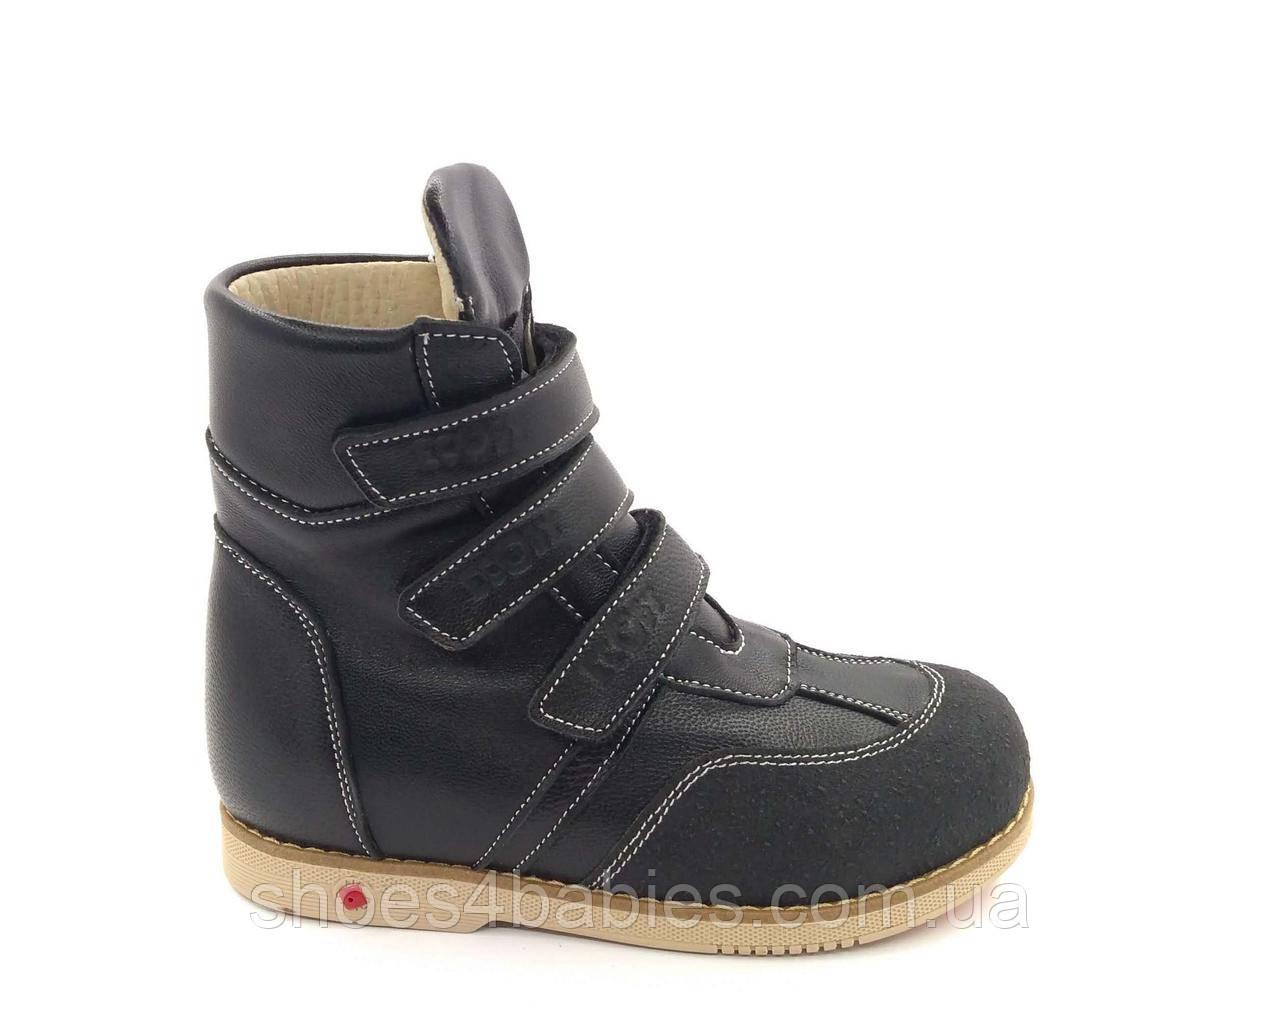 Ортопедические ботинки зимние Ecoby 211BB, размеры 23-36